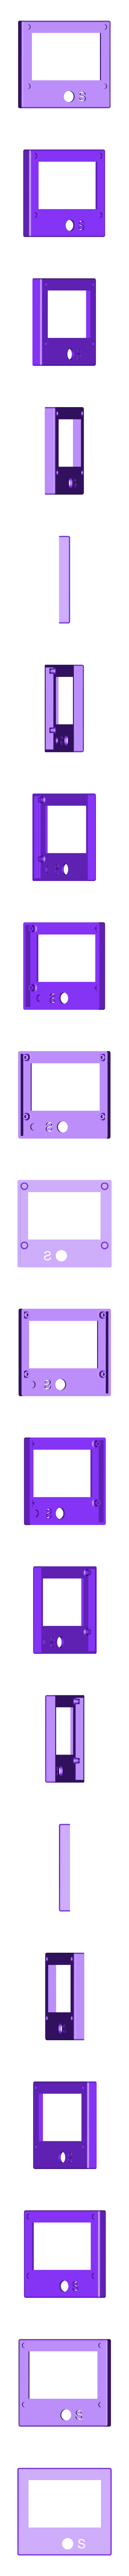 LCD_Holder_2_-_cover_up.stl Télécharger fichier STL gratuit Contrôleur LCD graphique intelligent - Prusa i3 Hephestos - Support • Objet imprimable en 3D, Rusichar